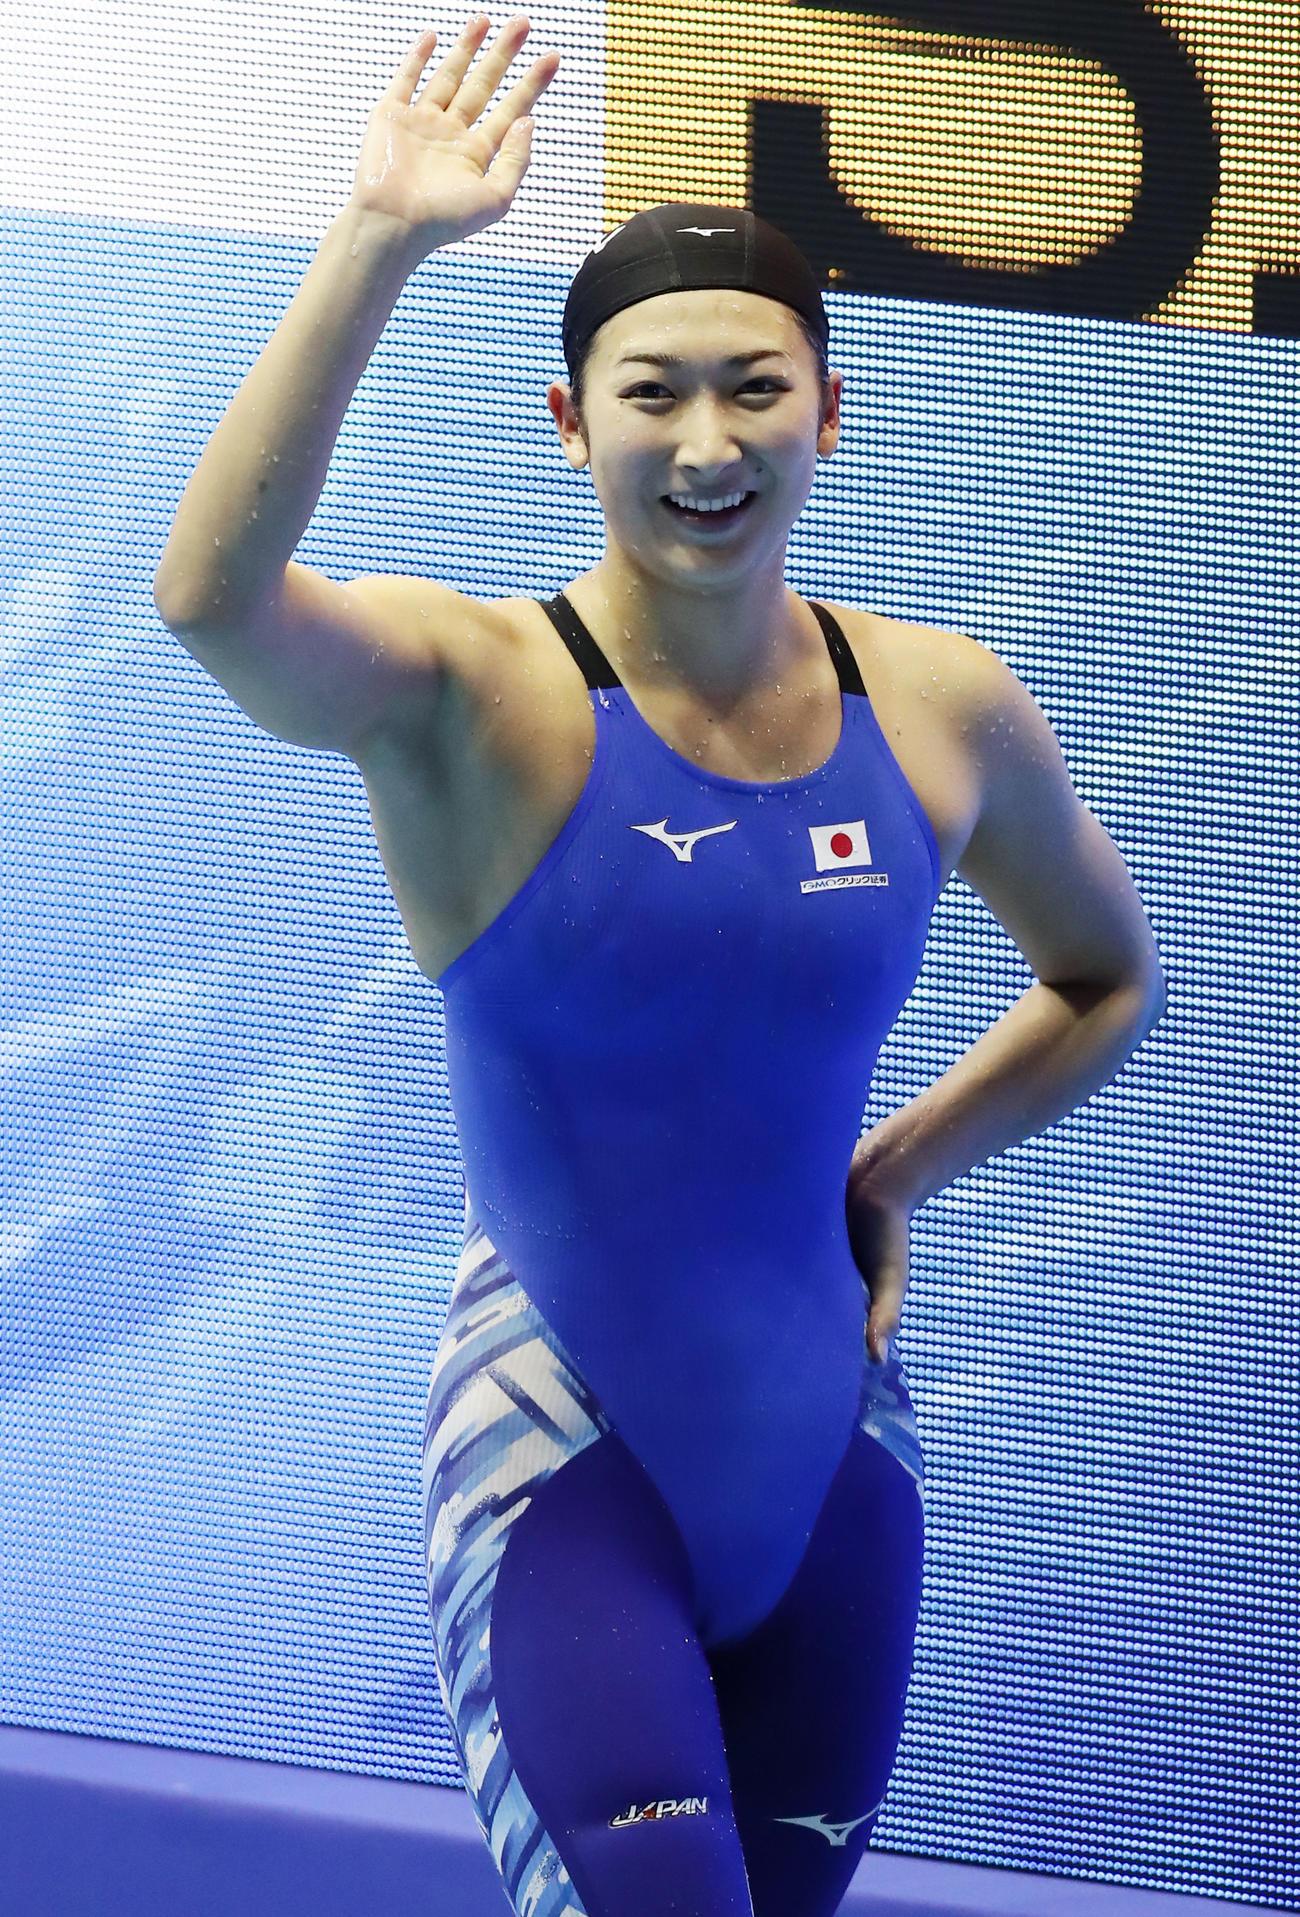 パンパシフィック水泳の女子200メートル自由形決勝で日本新記録で銀メダルを決め笑顔を見せる池江璃花子(2018年8月9日撮影)